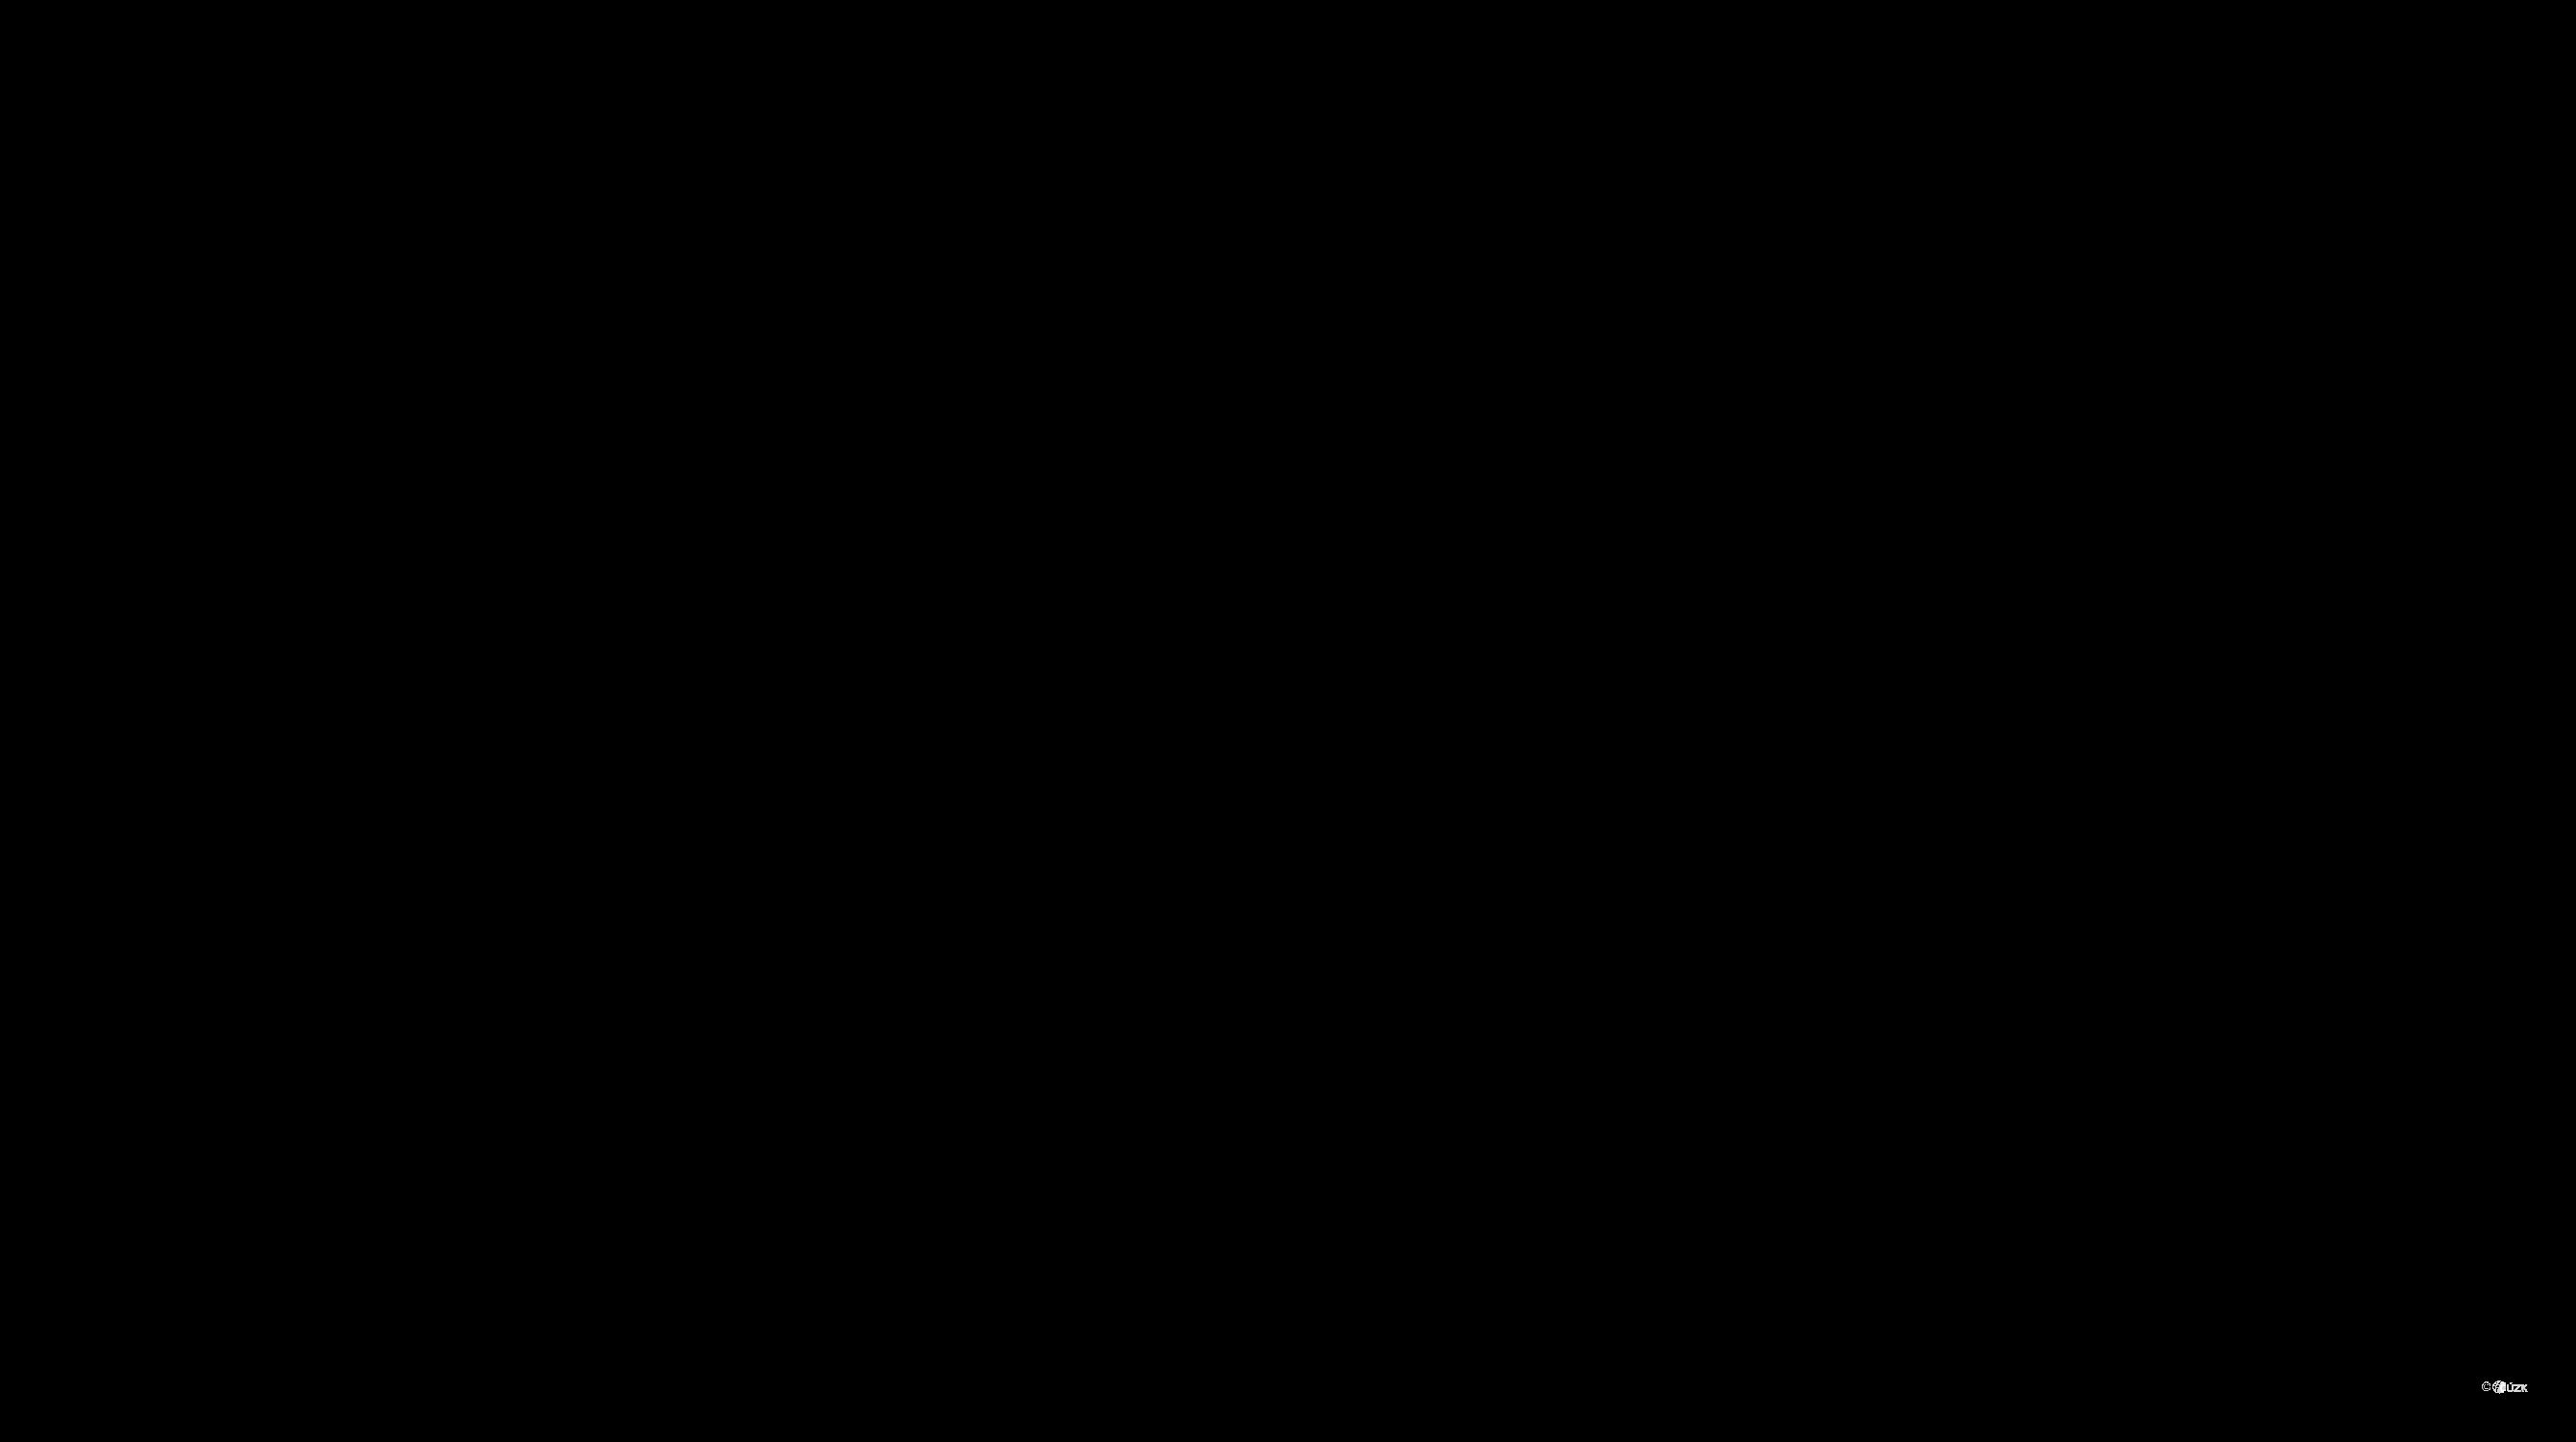 Katastrální mapa pozemků a čísla parcel Polešovice